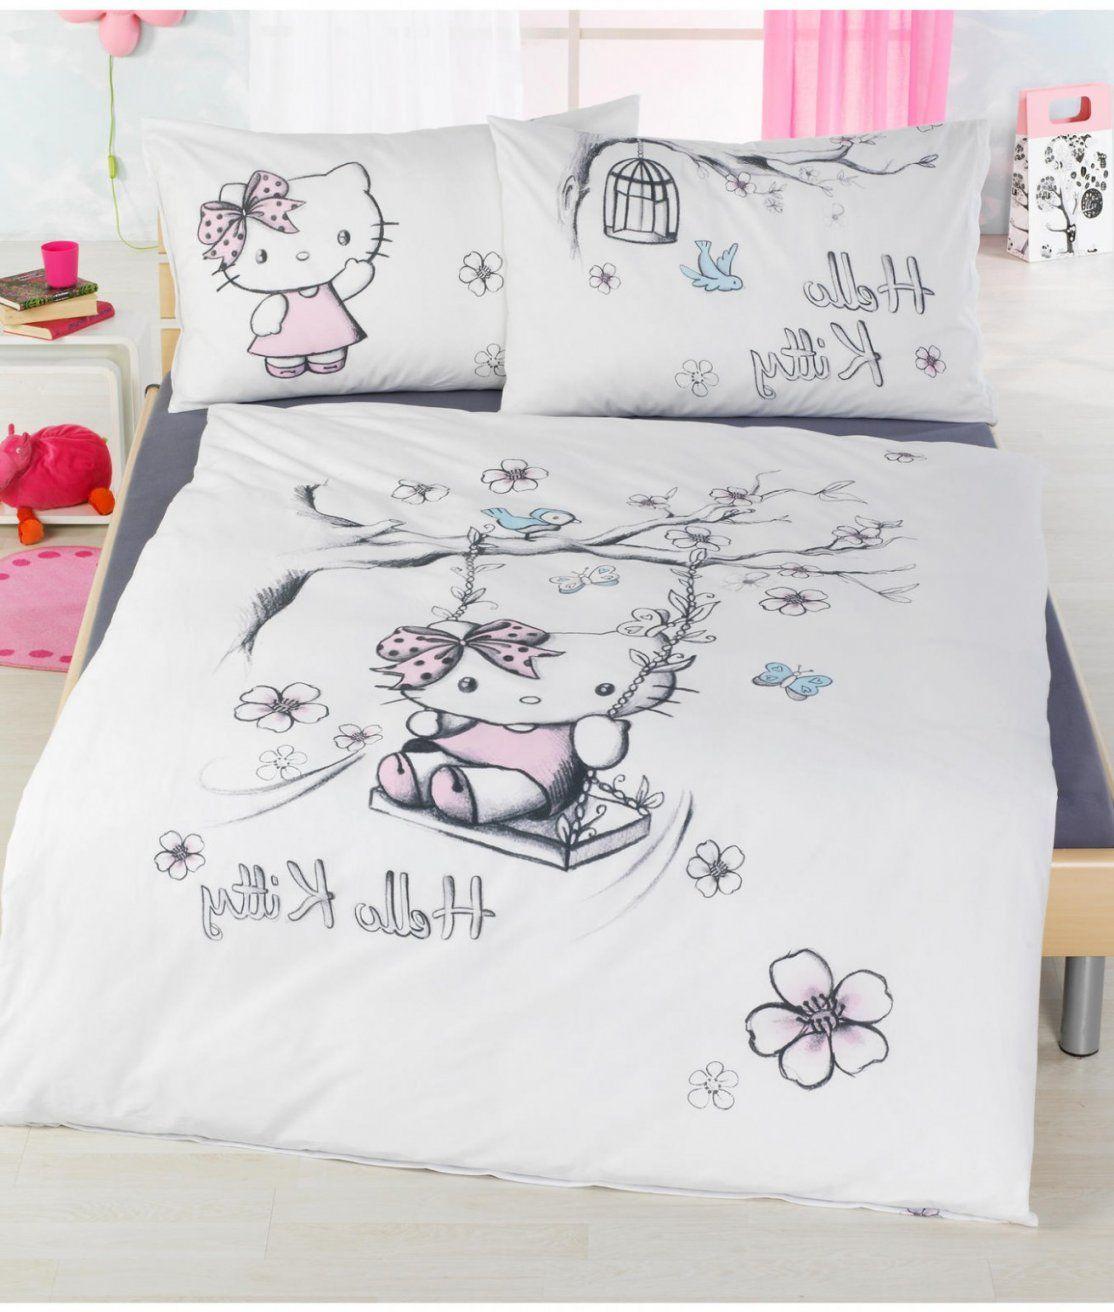 Ist Hello Kitty Bettwäsche Aldi Die Trending Sache Jetzt von Hello Kitty Bettwäsche Aldi Photo